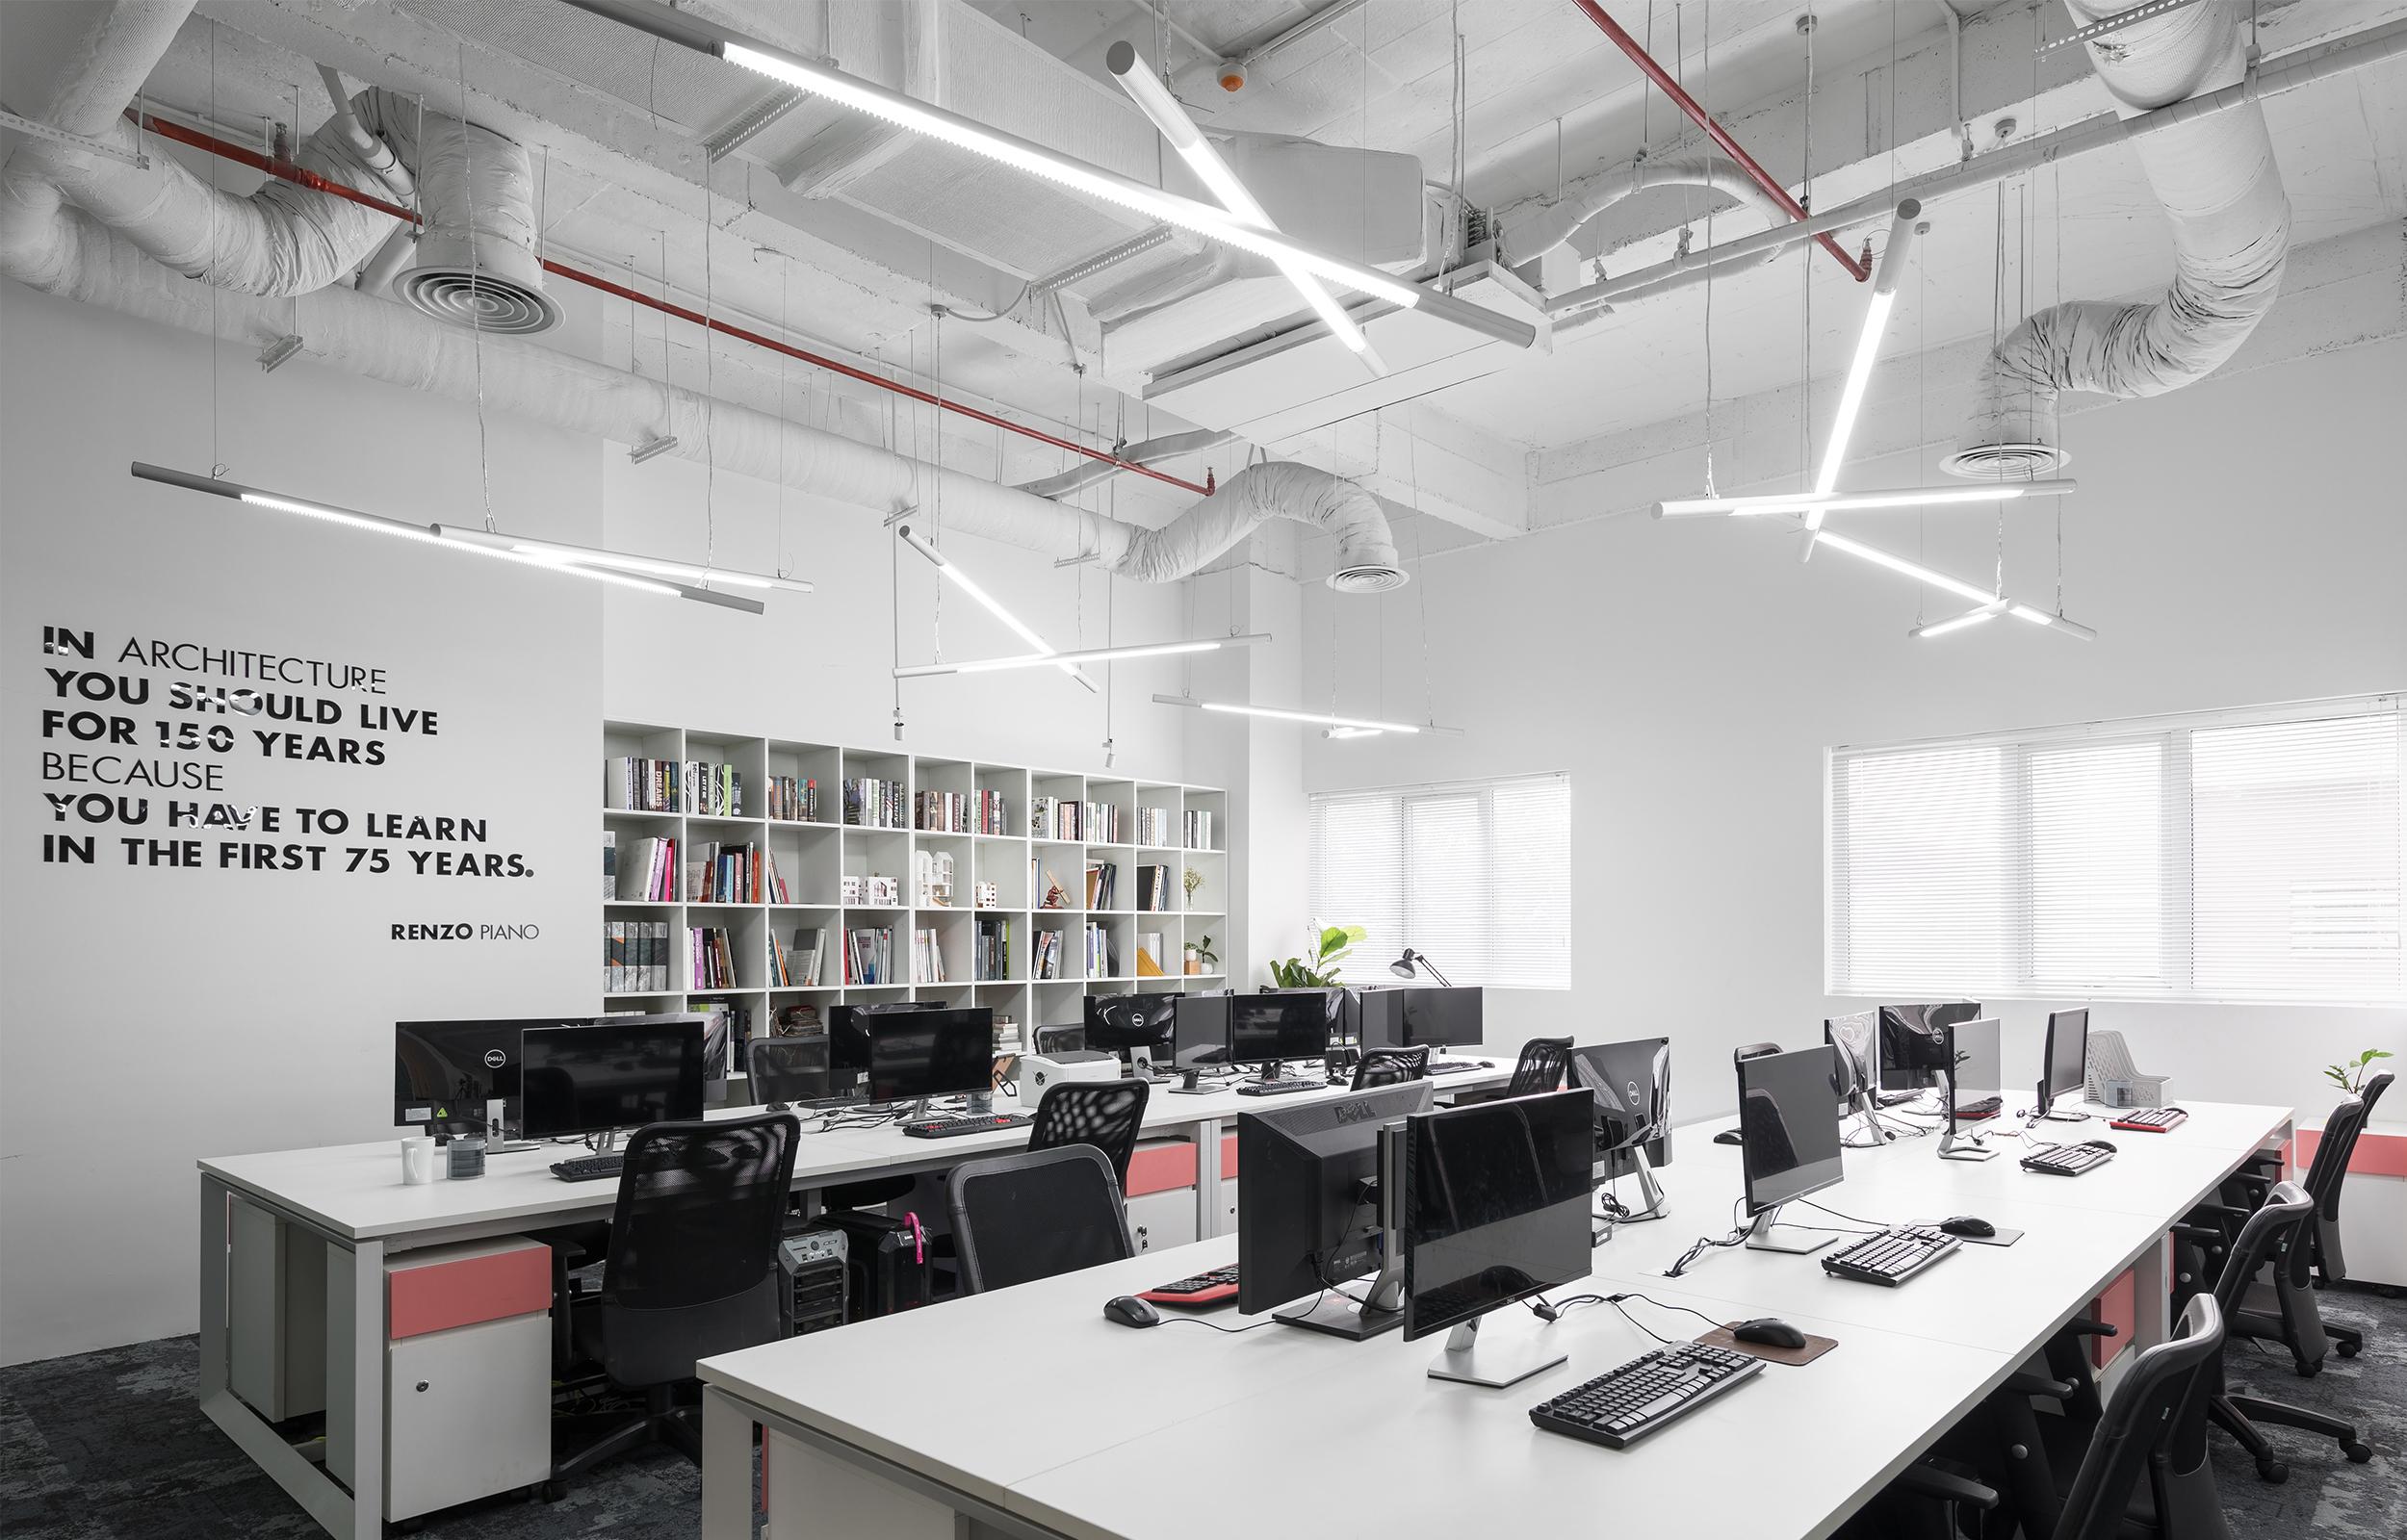 Tủ tài liệu của văn phòng D+ Studio được bố trí âm tường, sử dụng khoảng trống không gian để tiết kiệm diện tích sử dụng cho văn phòng.